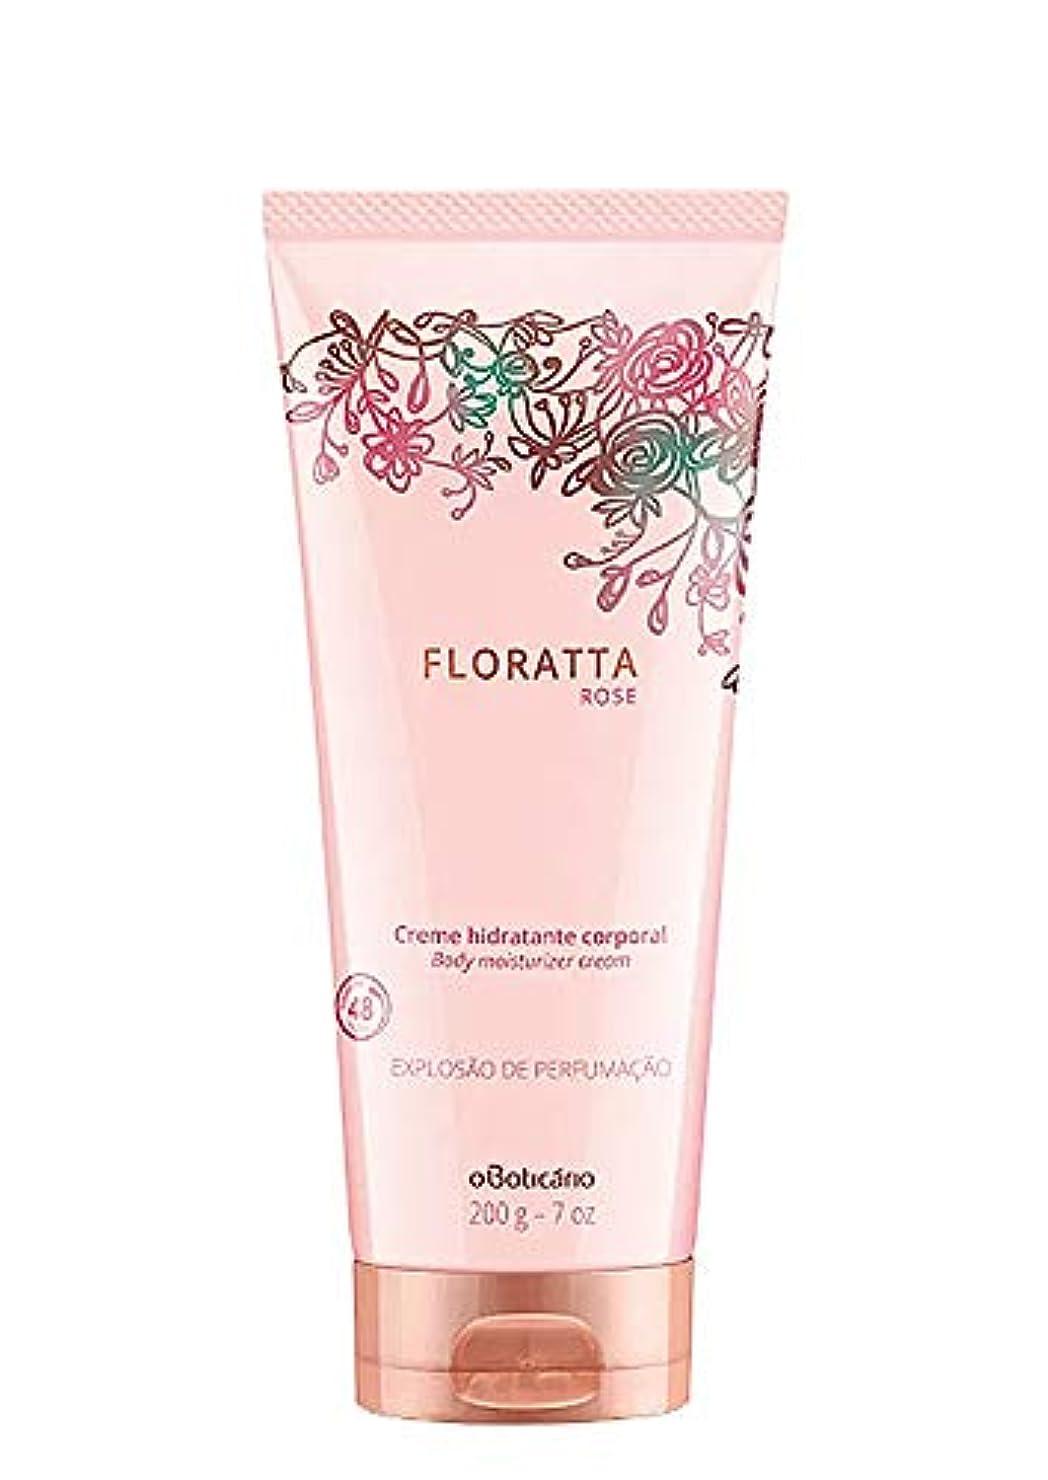 円周綺麗なネーピアオ?ボチカリオ スキンクリーム フロラッタ ローズ boticario FLORATTA ROSE CREAM HIDRATANTE 200g